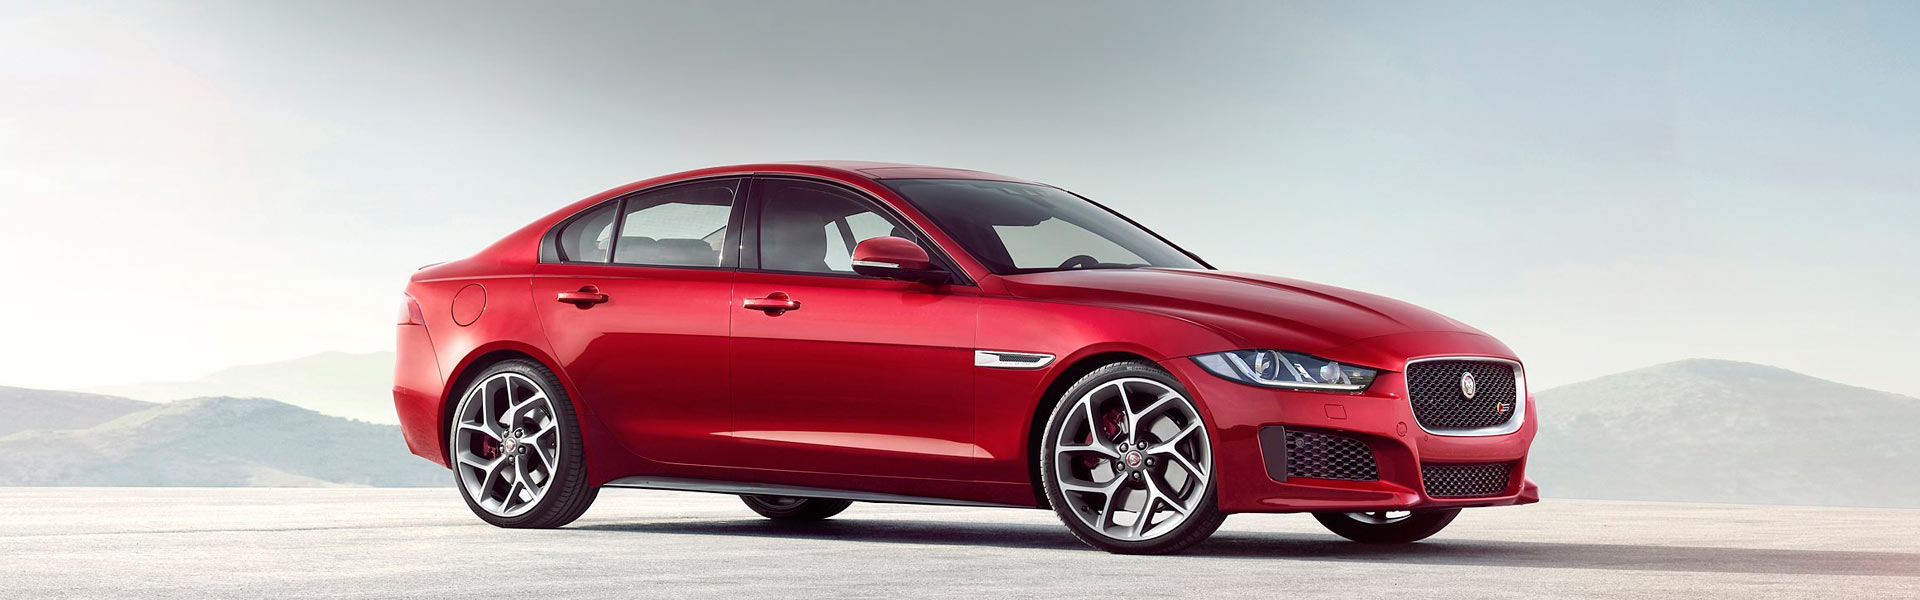 Ремонт раздатки Jaguar